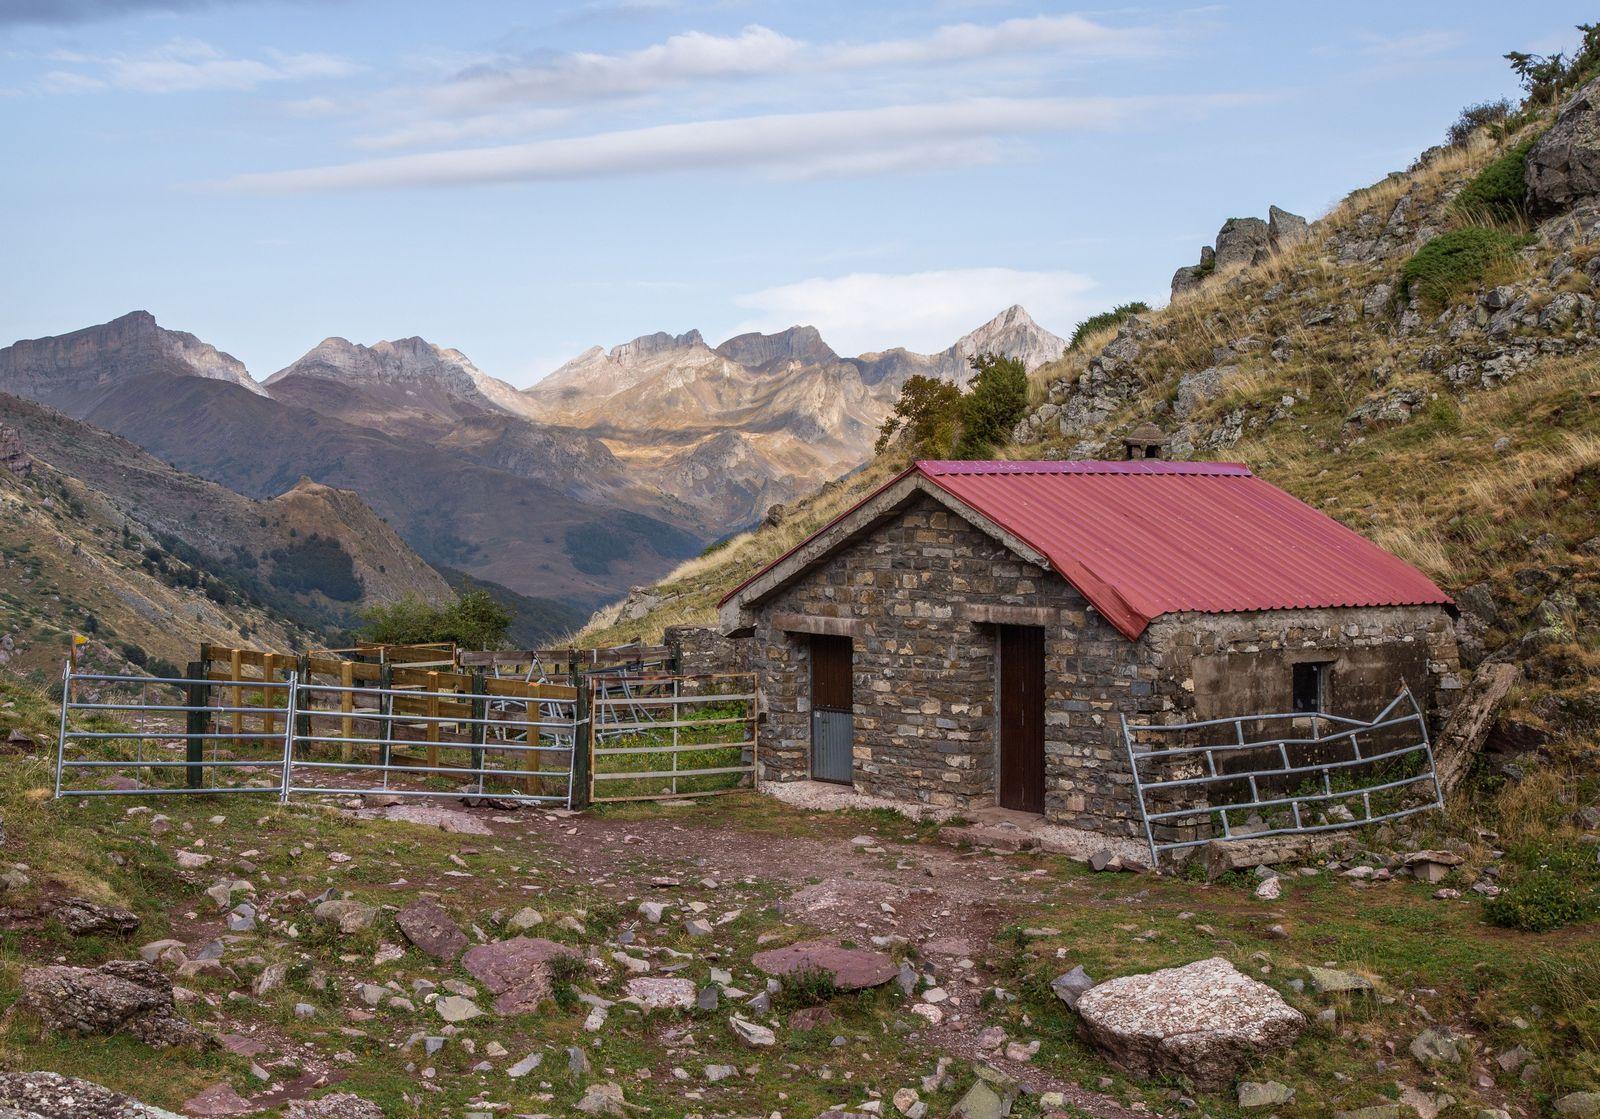 La pequeña cabaña de pastores tras alcanzar el collado